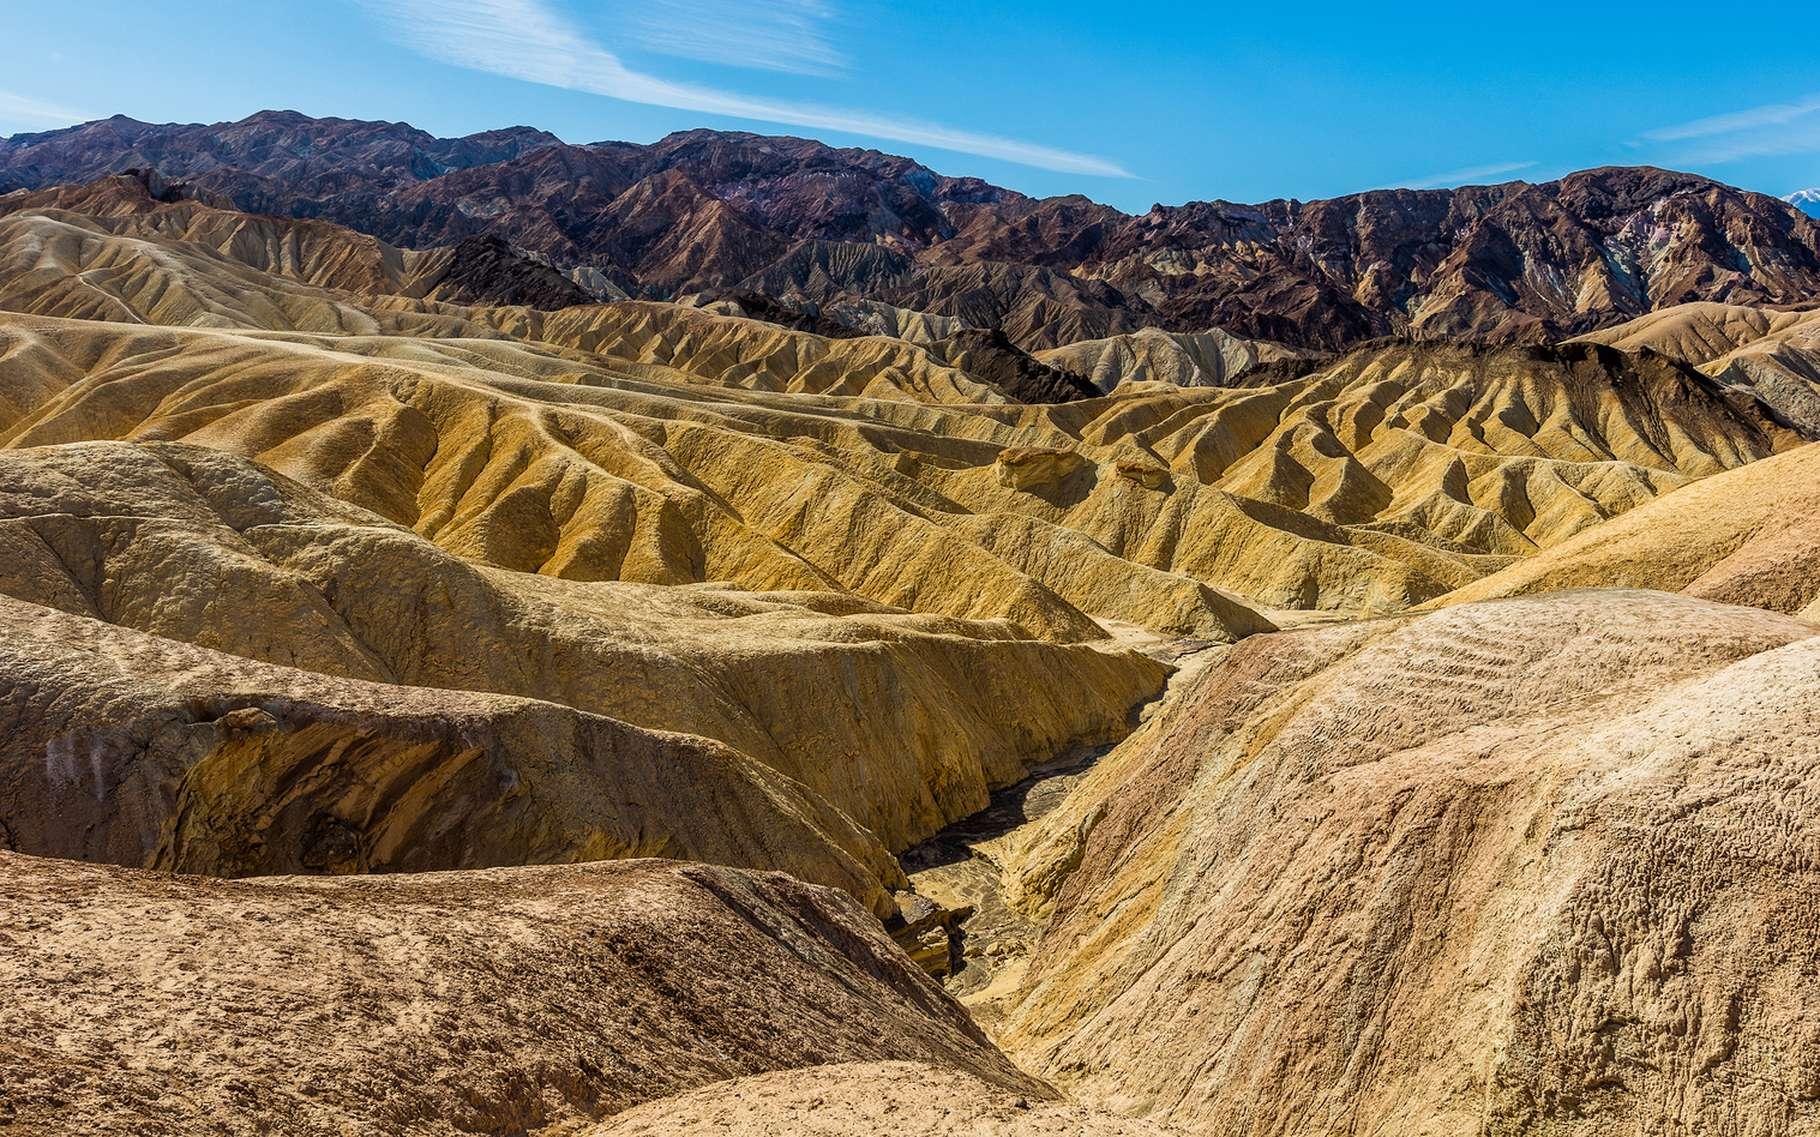 C'est à Furnace Creek, dans la Vallée de la Mort, en Californie, que fut mesurée une des températures les plus élevées au monde : 56,7 °C en juillet 1913. La sécheresse qui y règne et l'ensoleillement important en sont les principales causes. © Roman Khomlyak, shutterstock.com